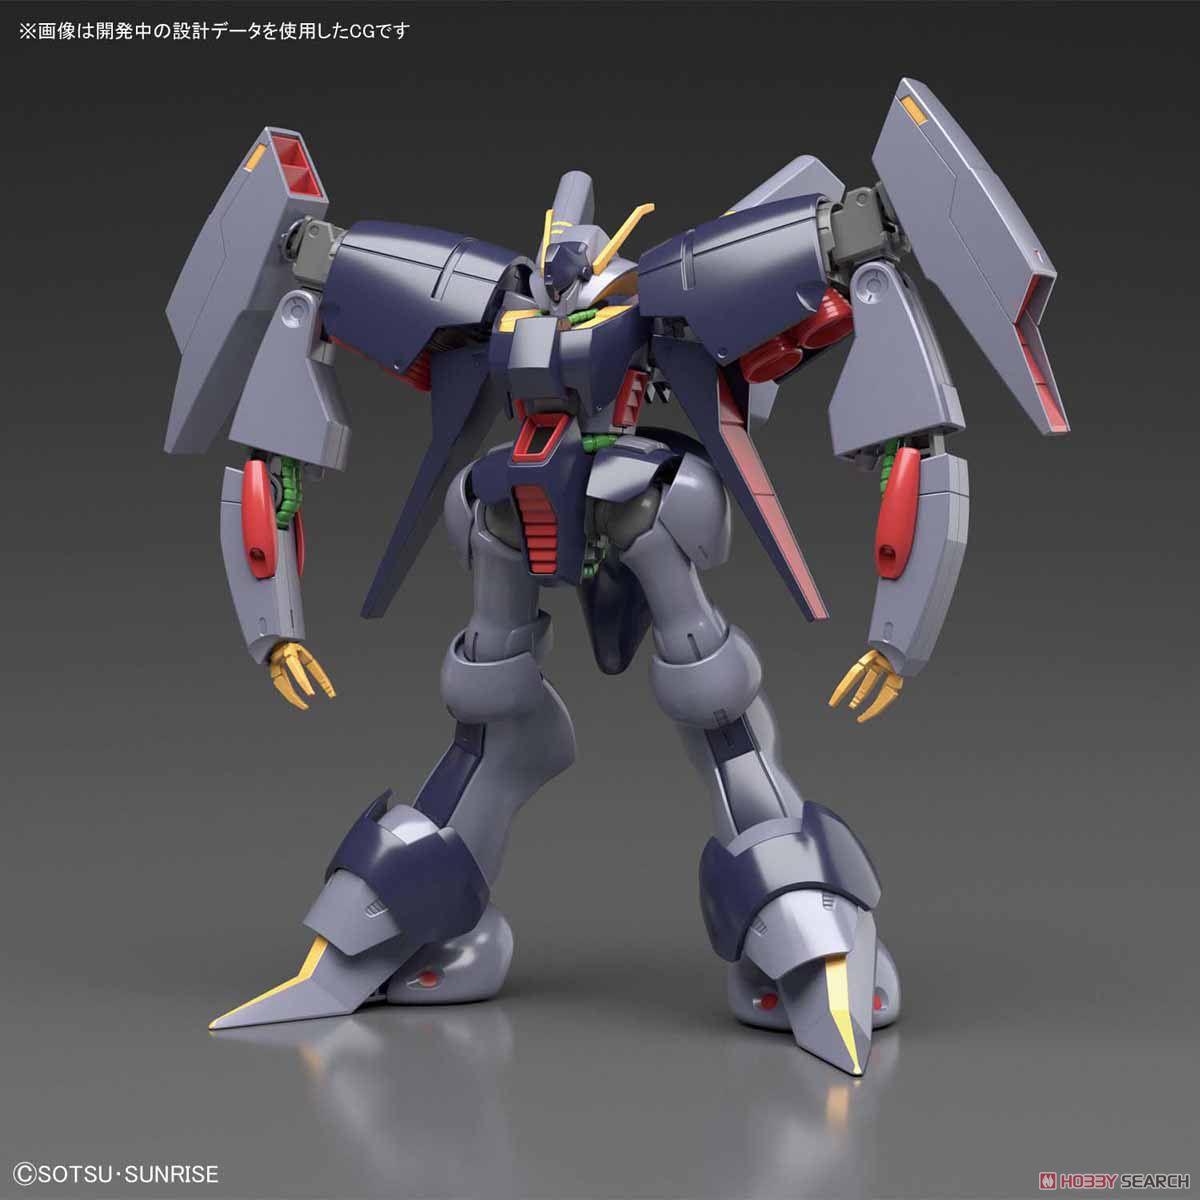 老夆玩具【鋼彈現貨】BANDAI 機動戰士Z鋼彈 HGUC 1/144 #214 RX-160 拜亞蘭 Z鋼彈